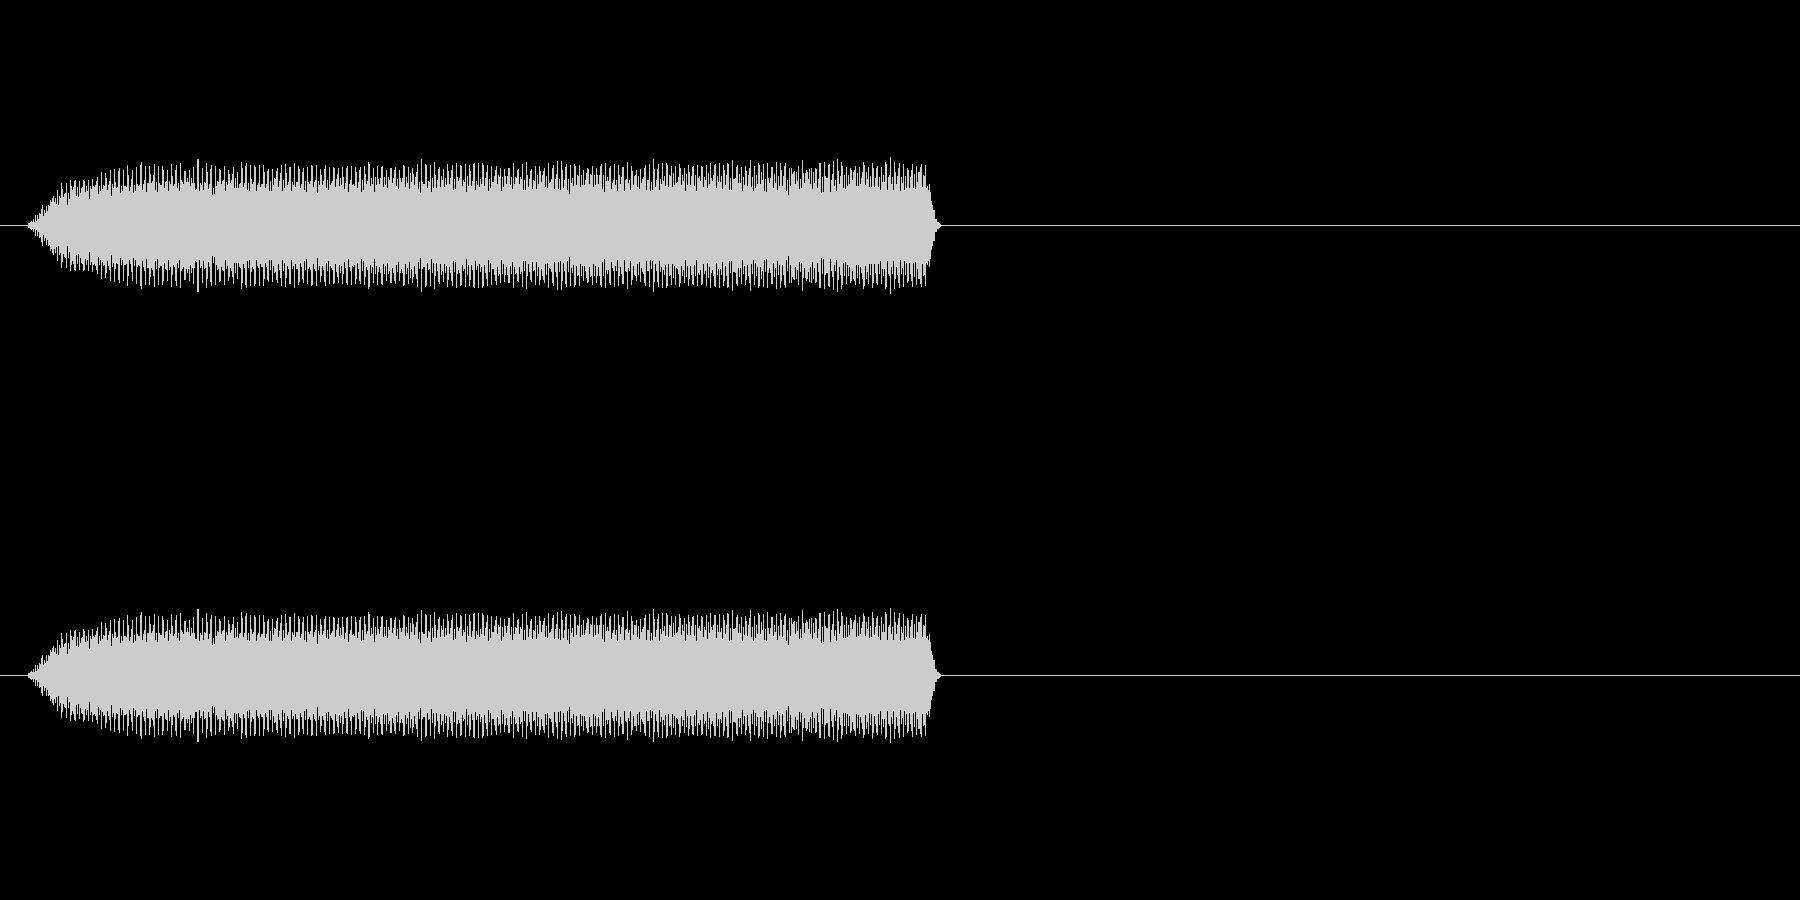 バイブ音量小さめの音源ですの未再生の波形